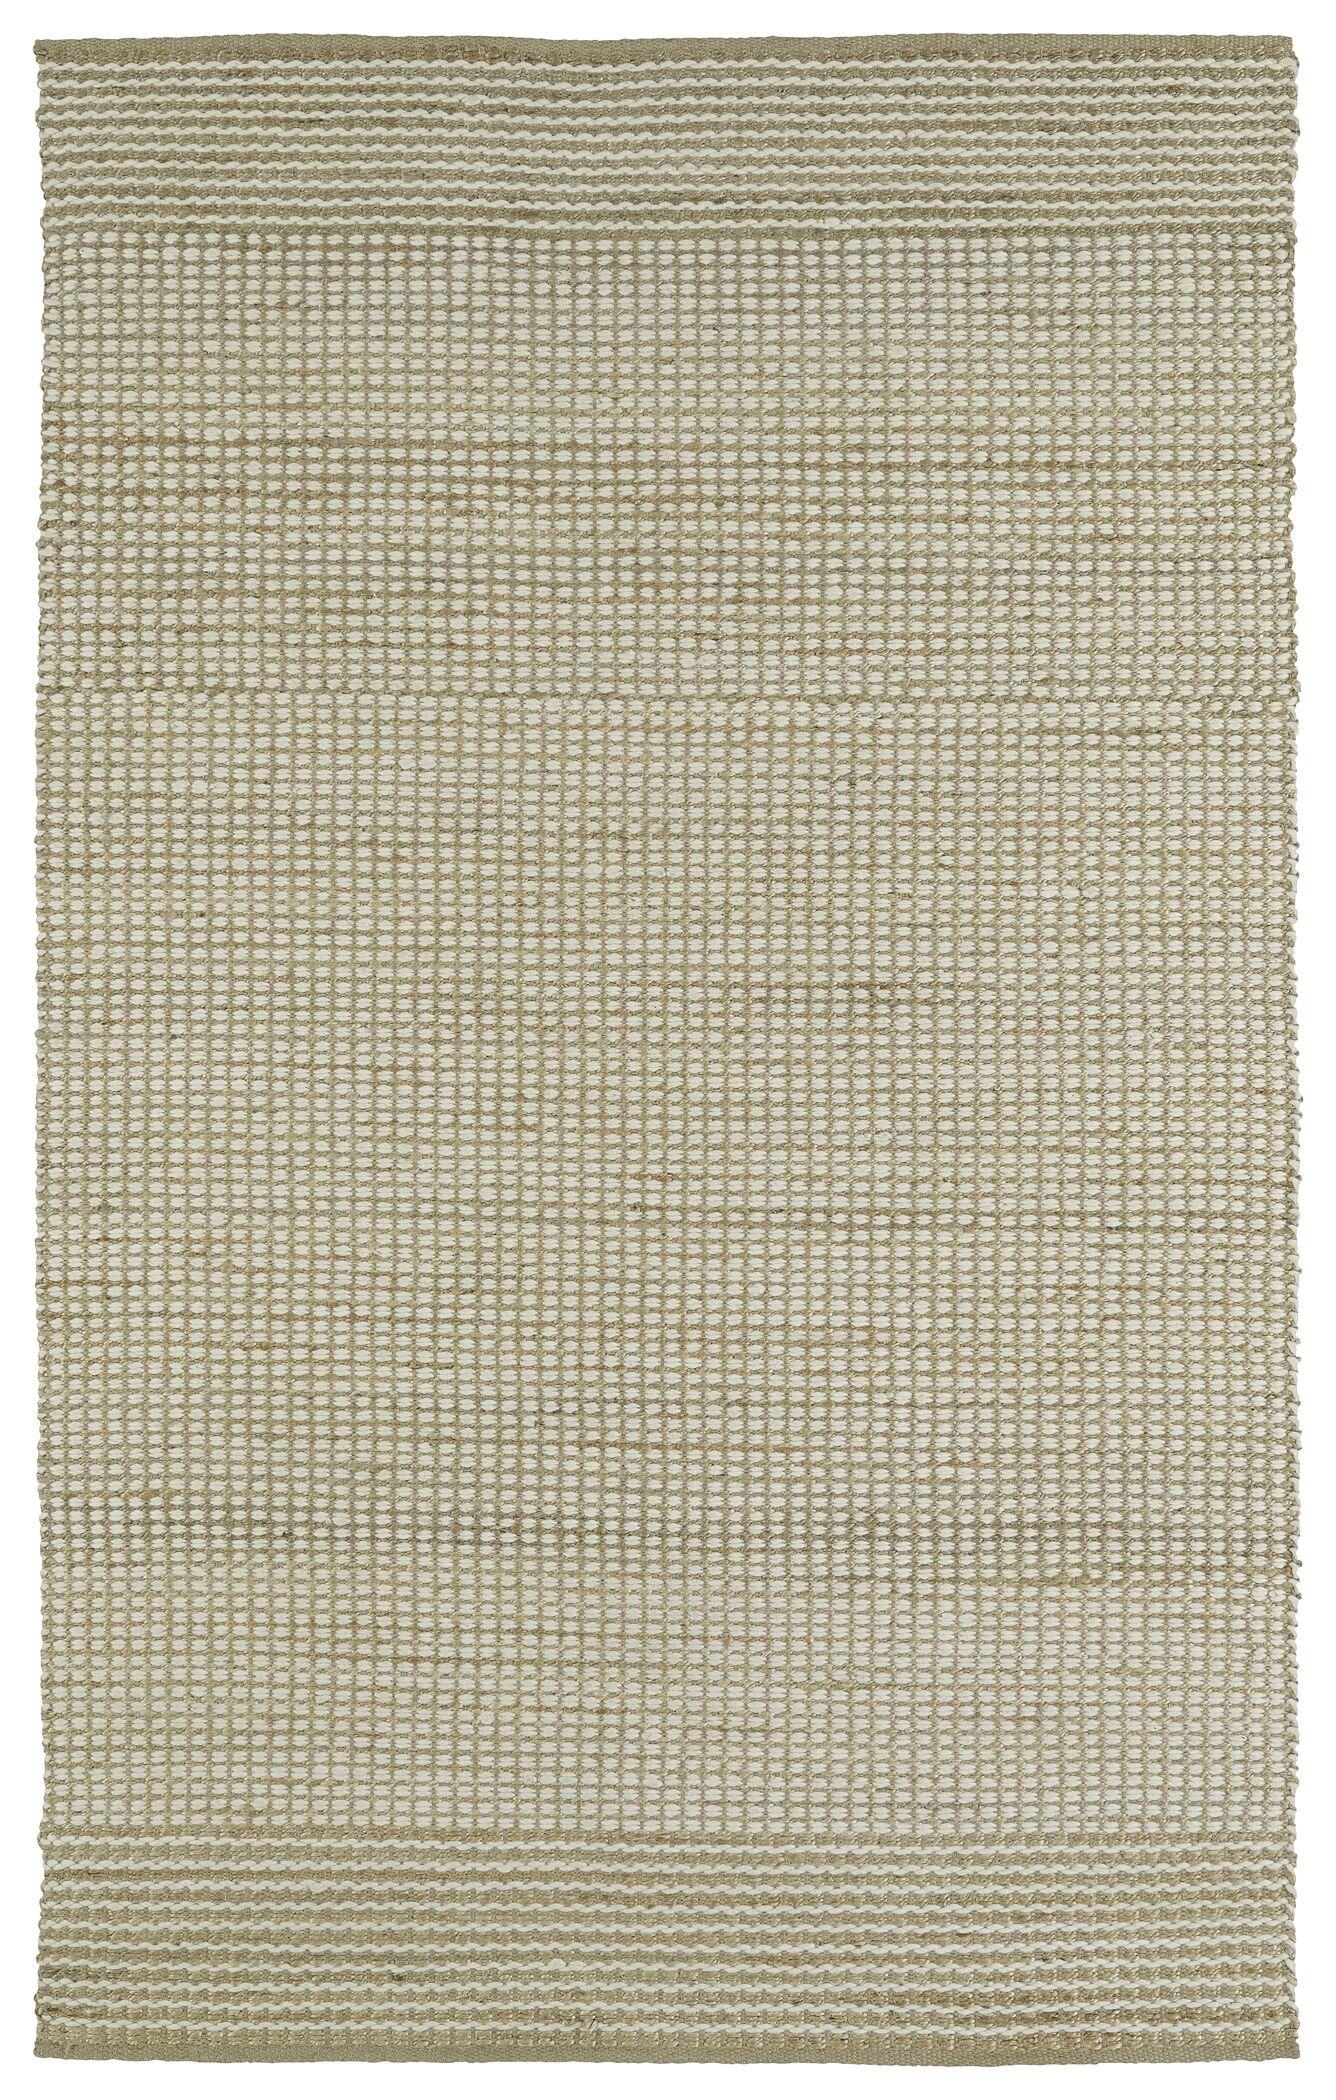 Emilia Ivory Area Rug Rug Size: Rectangle 8' x 10'